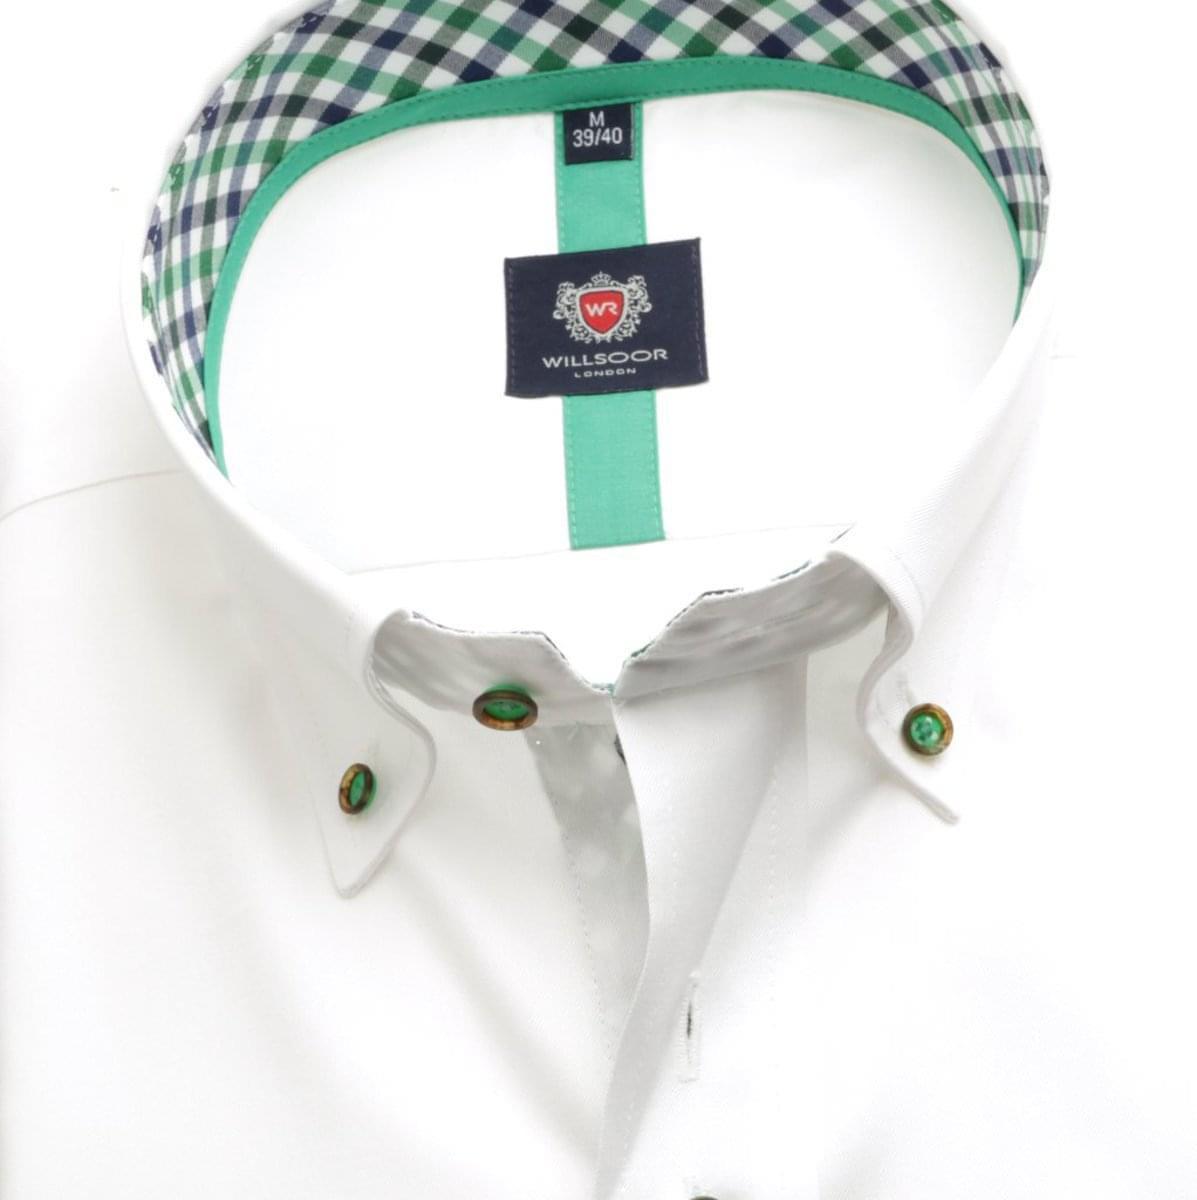 Pánská košile London v bílé barvě (výška 176-182) 5498 176-182 / XL (43/44)